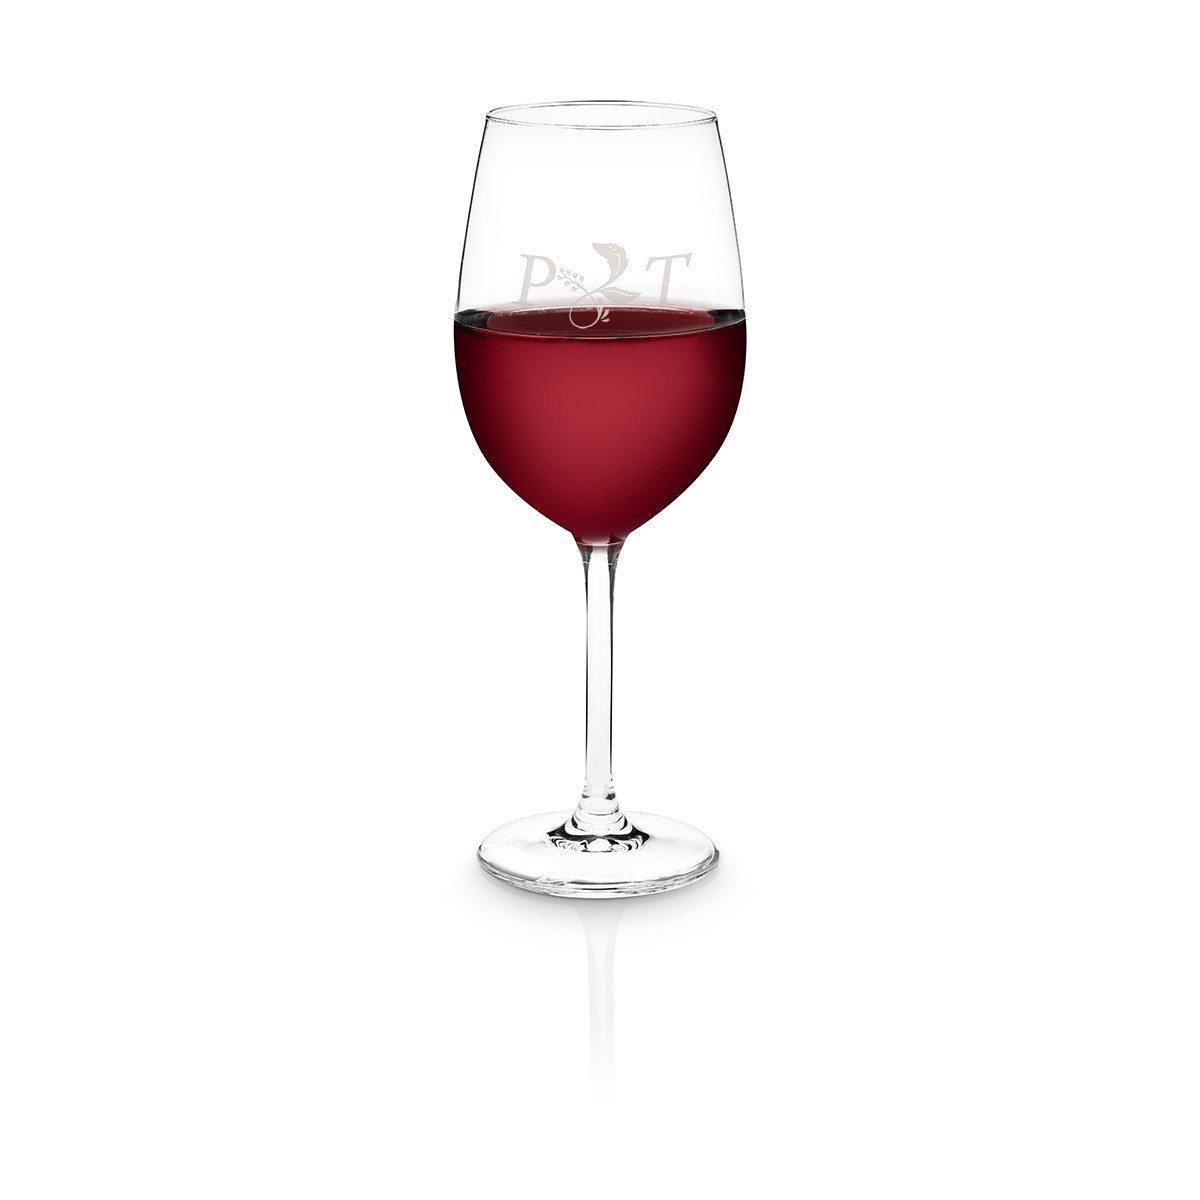 Personalisierbares Rotweinglas von Schott Zwiesel - Ranken